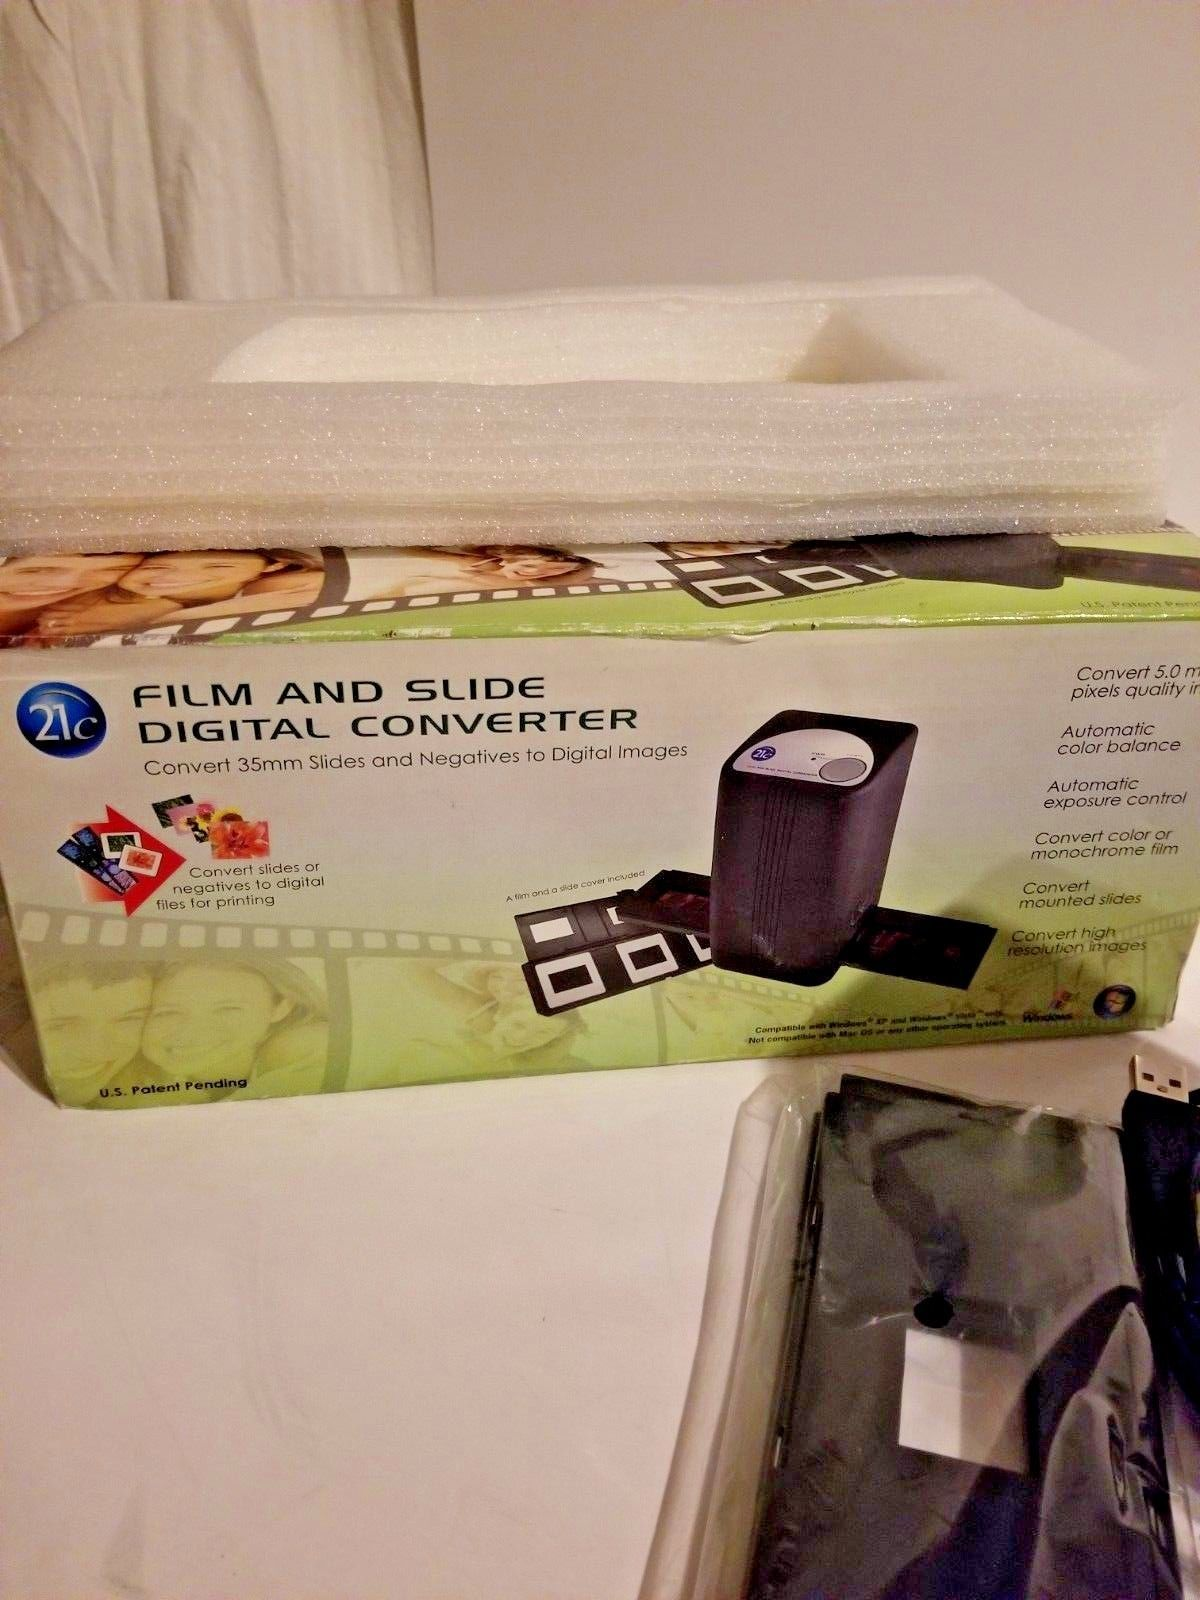 21C Film and slide digital converter image 2